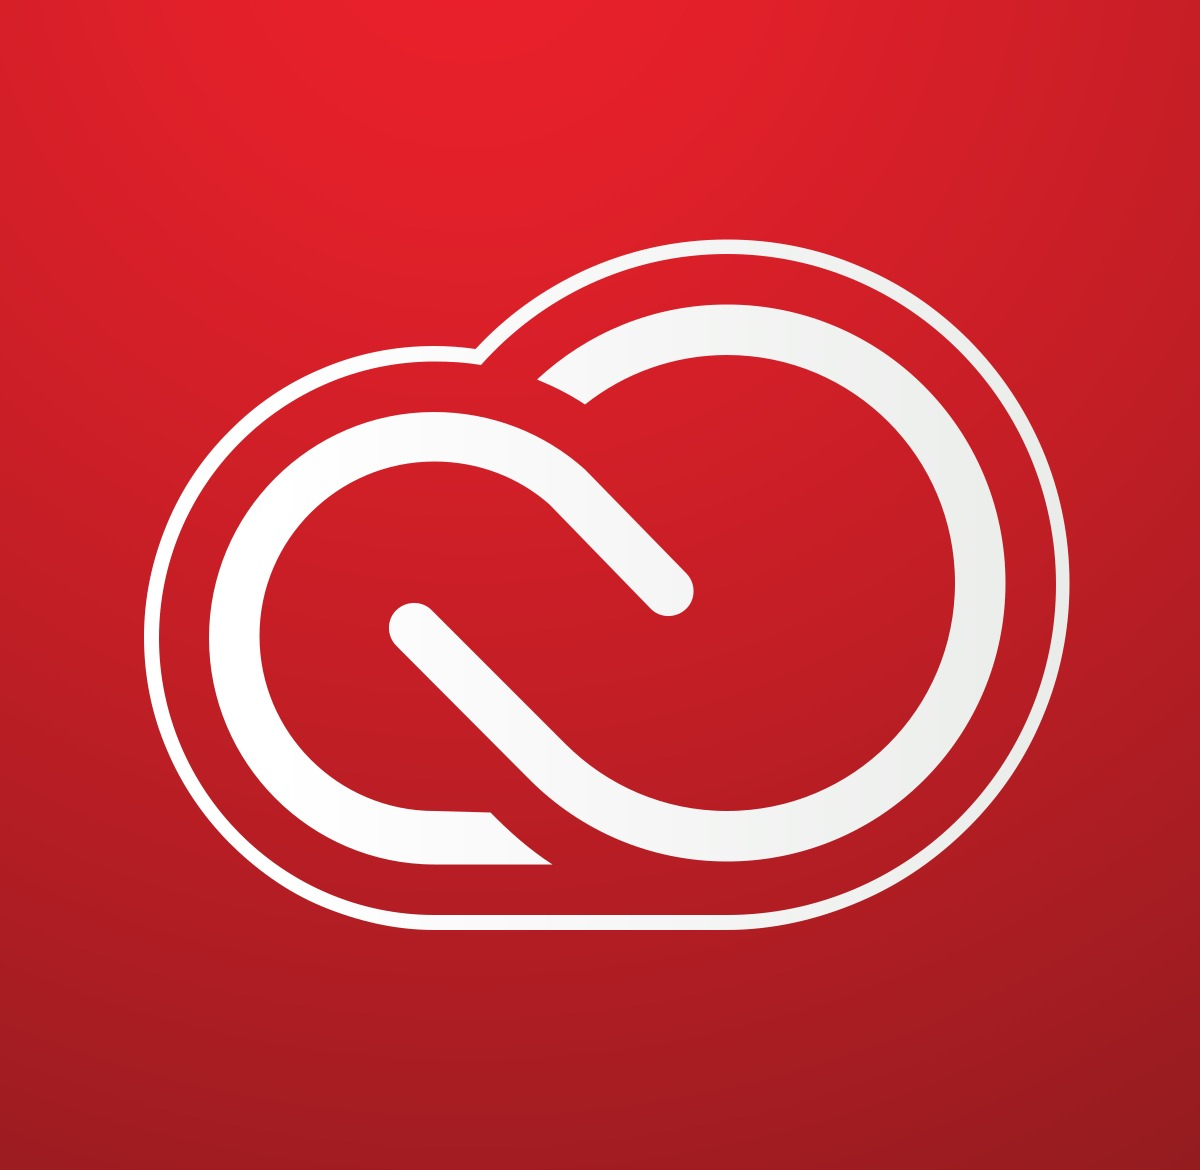 Coronavirus Adobe